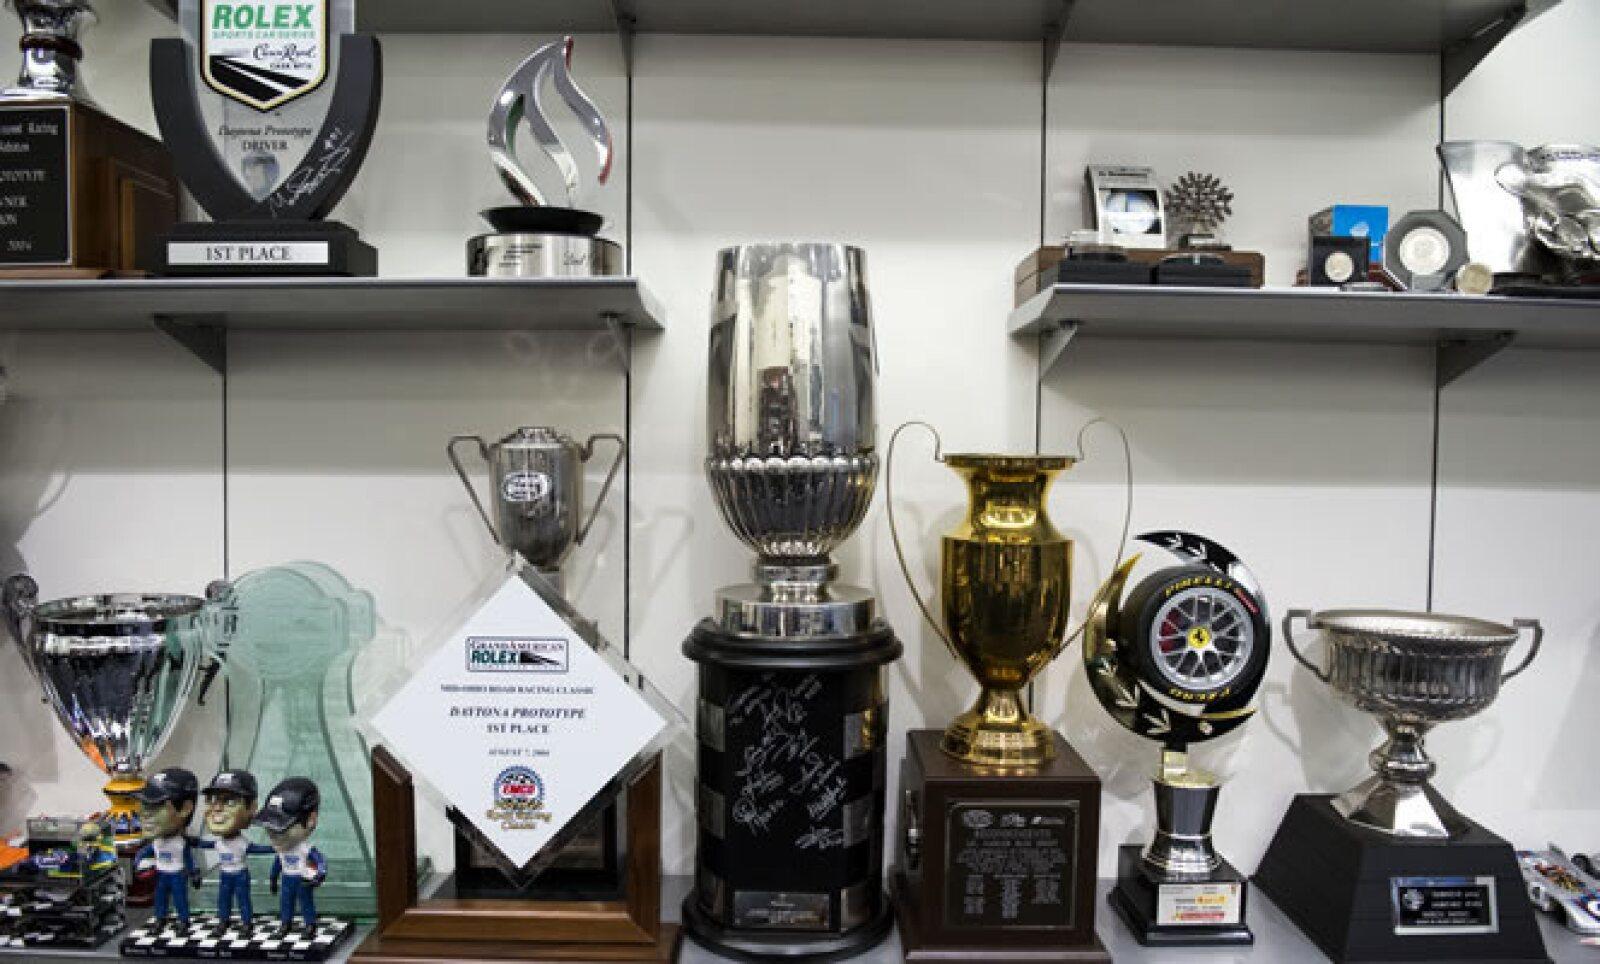 Los trofeos dejan clara la pasión de Slim Domit por el automovilismo, quien junto con Soberón explica a Expansión cómo la Fórmula 1 se ha convertido en la plataforma de mercadotecnia deportiva más grande del mundo.